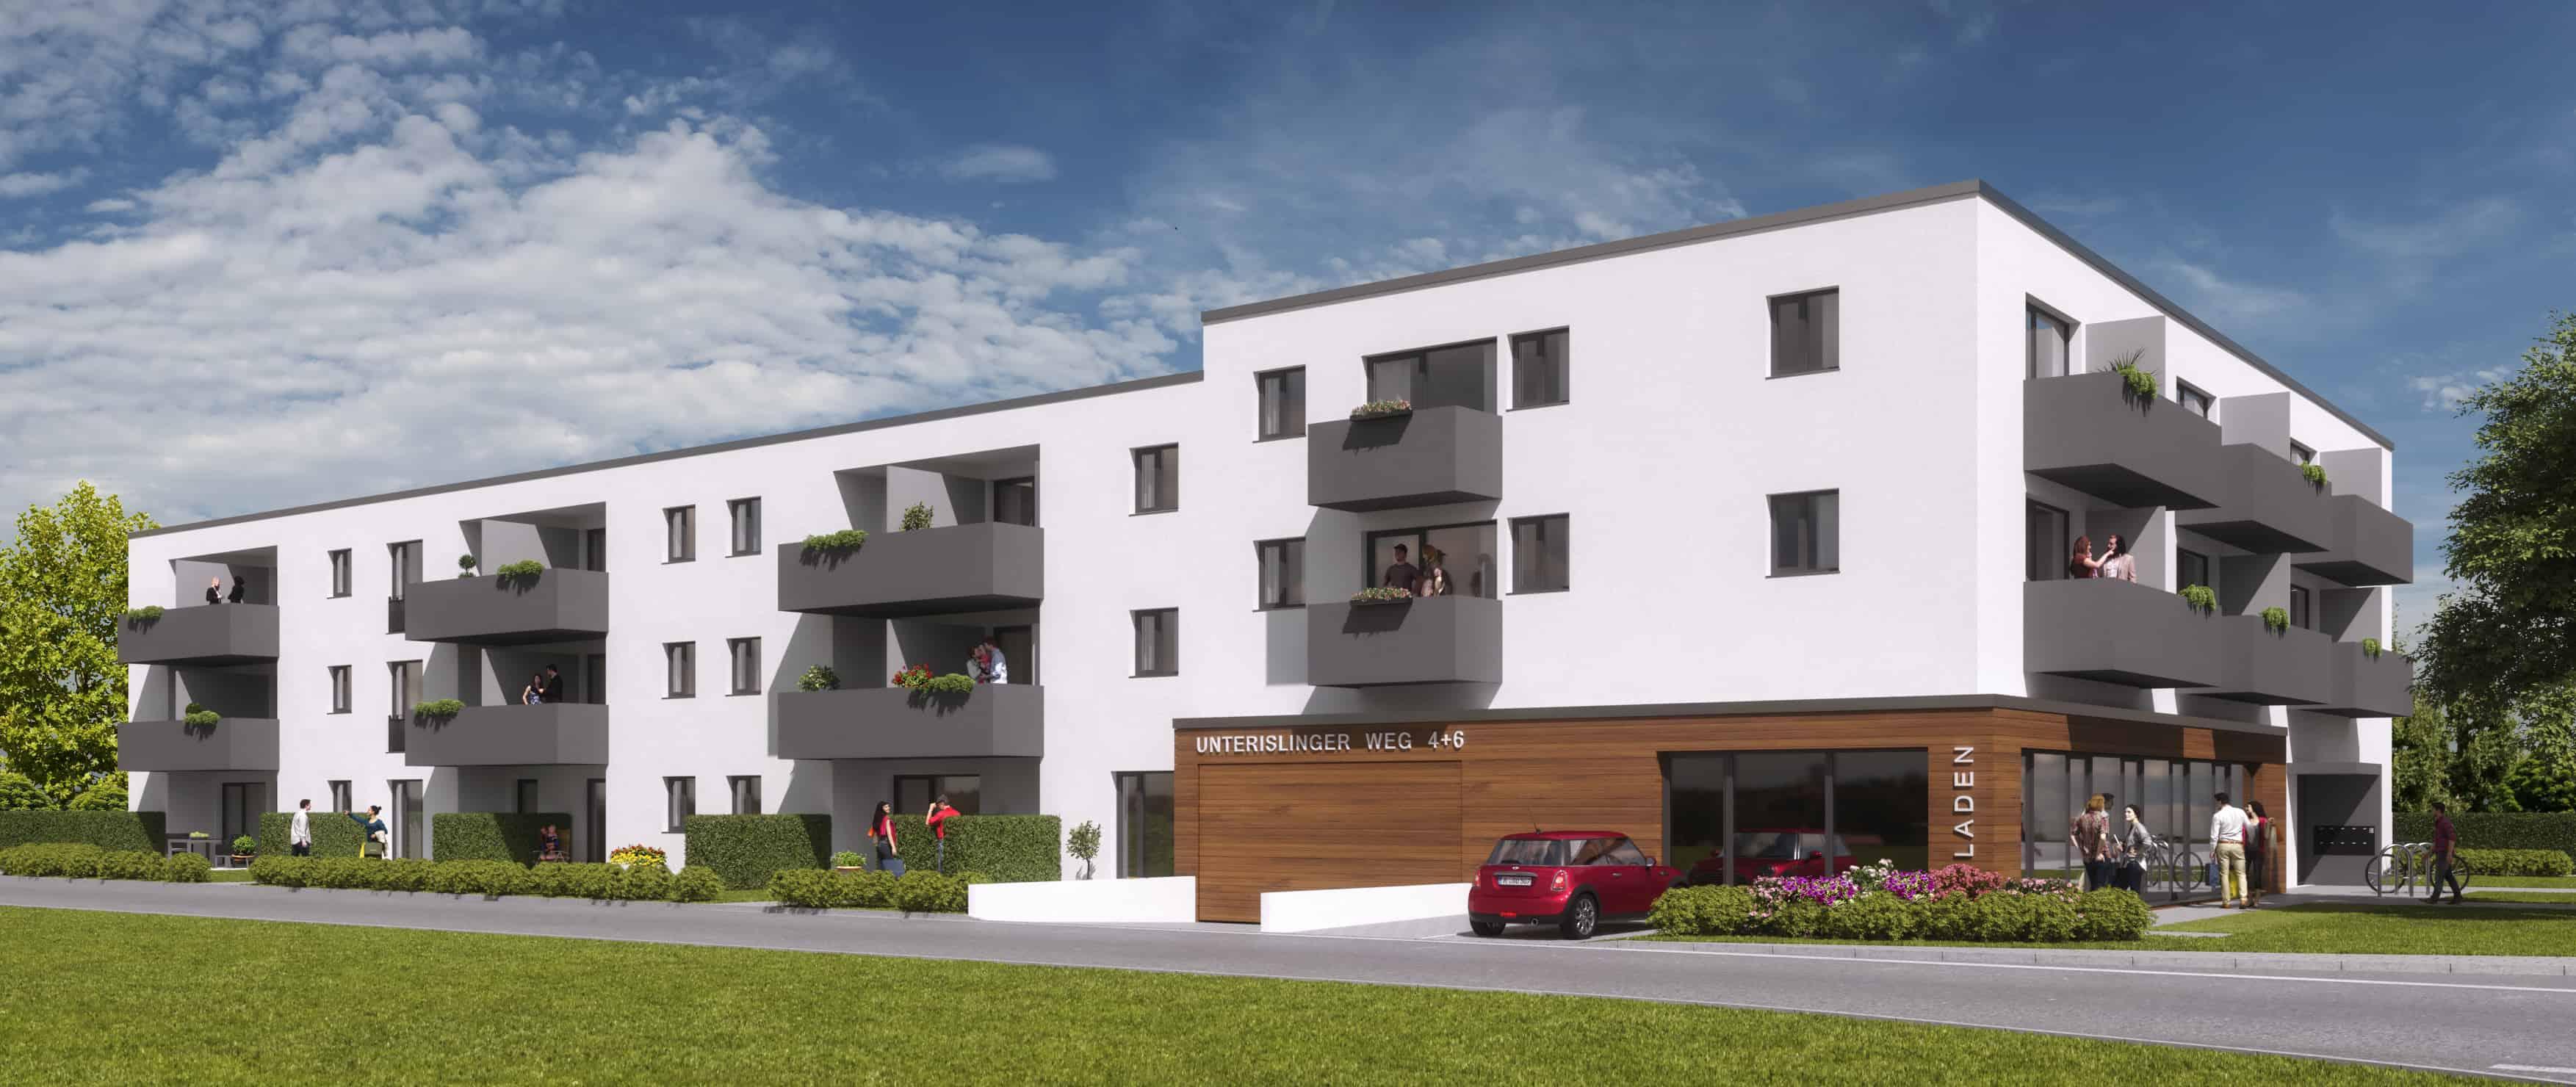 Neues Wohnkarree entsteht Bis 2020: Firma Stockerl baut 62 Wohnungen am Unterislinger Weg in Regensburg